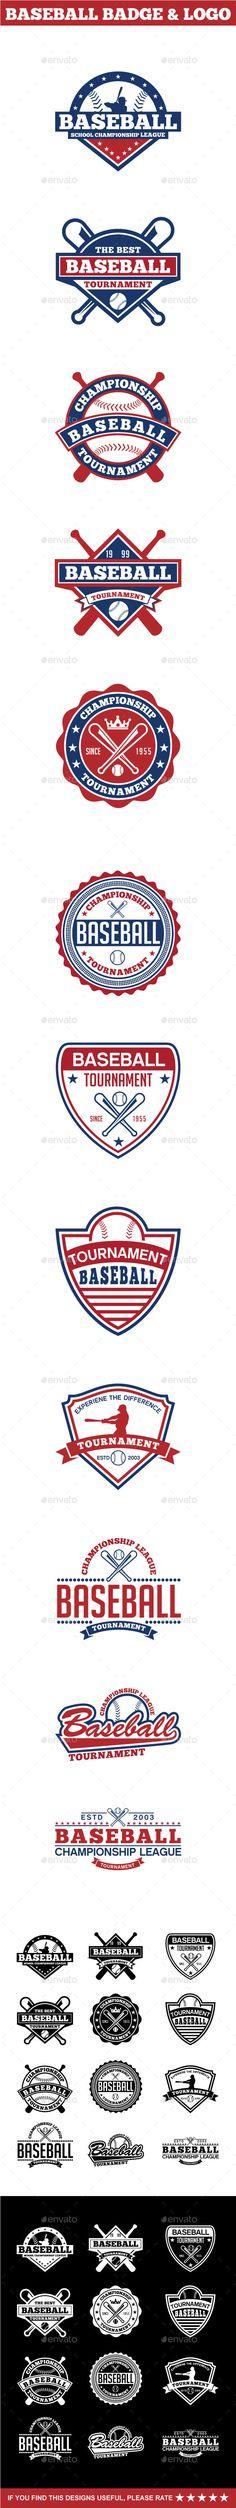 Baseball Badge & Logo #design Download: http://graphicriver.net/item/baseball-badge-logo-2/12601454?ref=ksioks